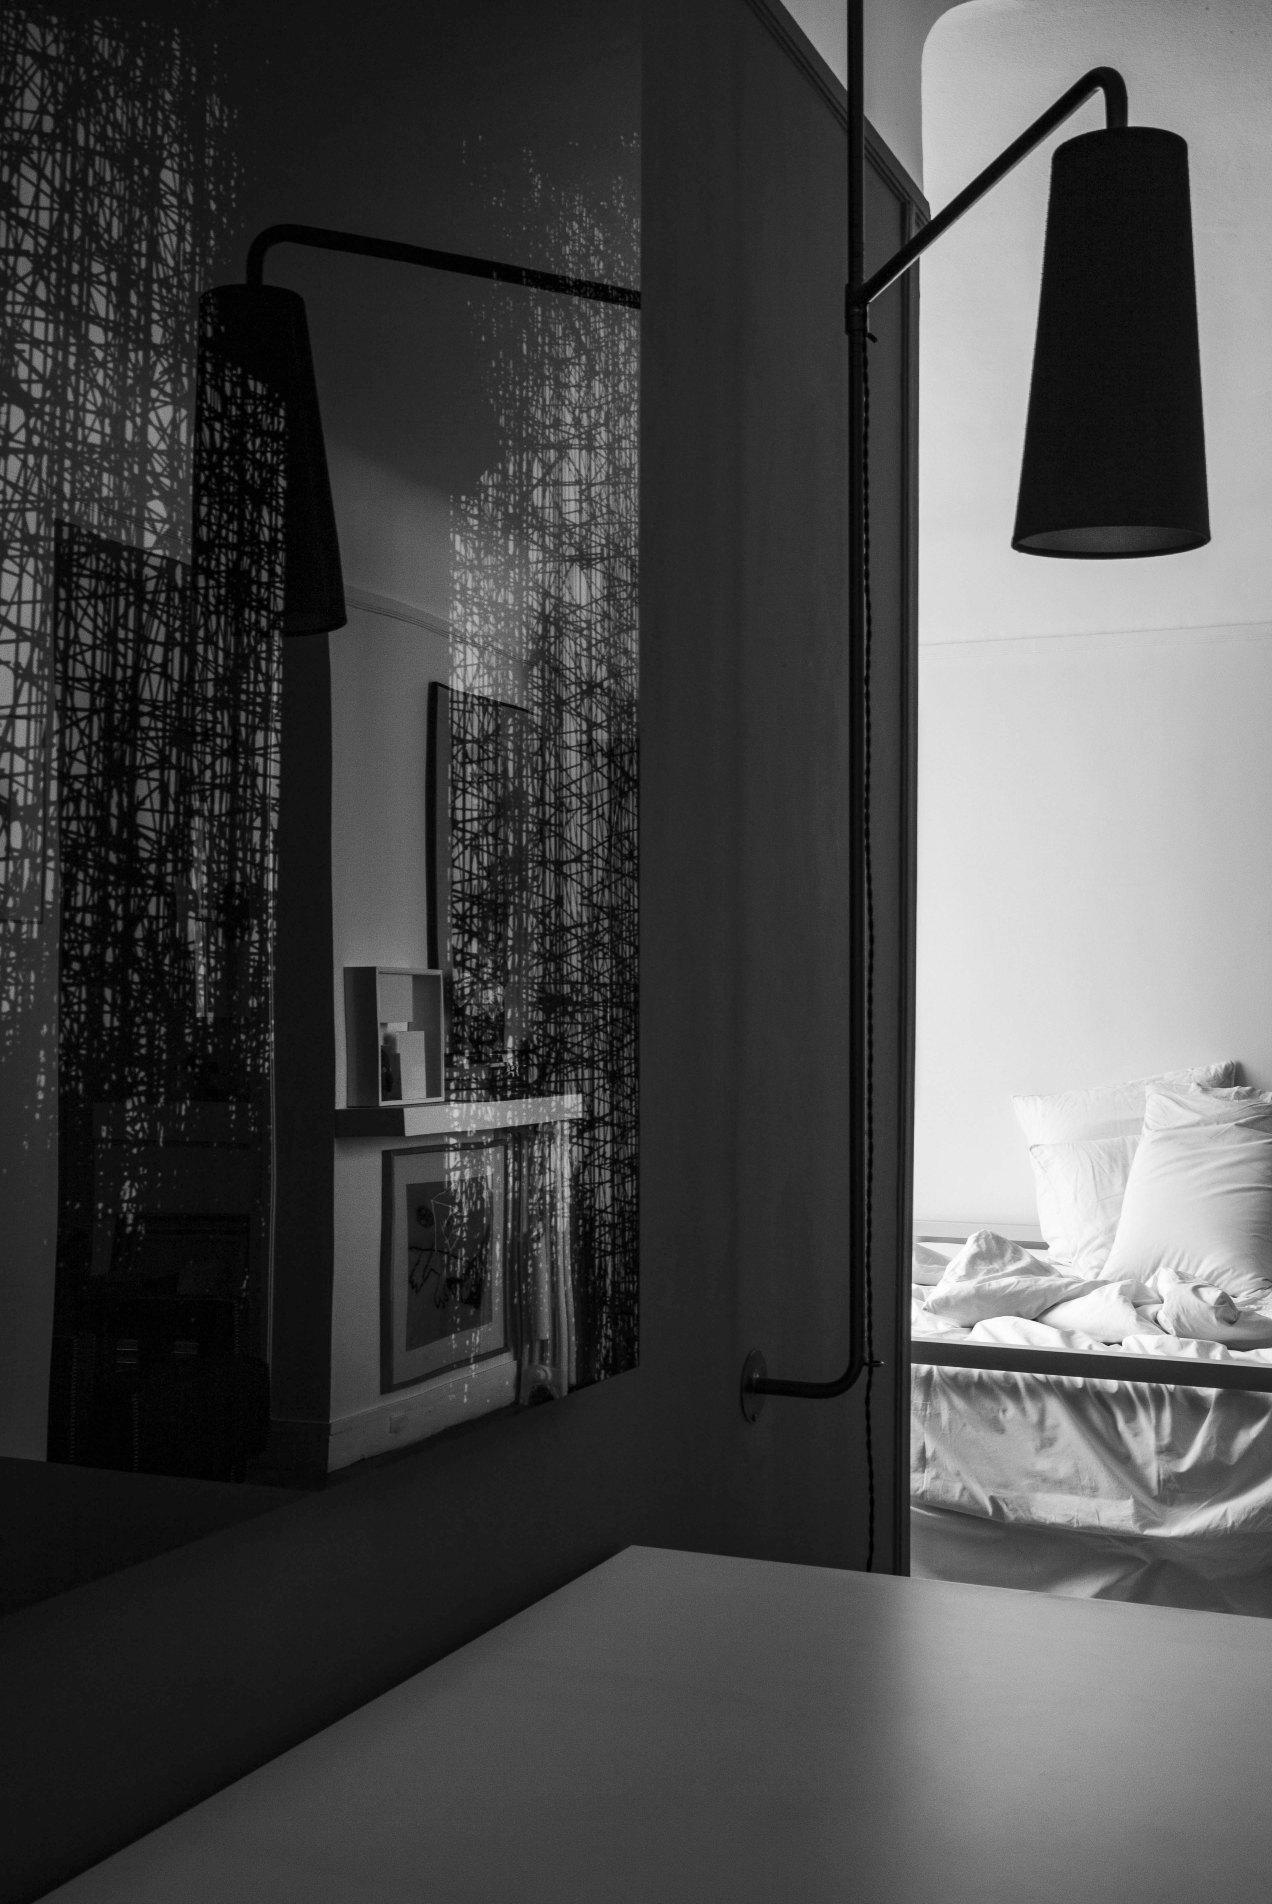 Ma chambre, gildalliere, 2020